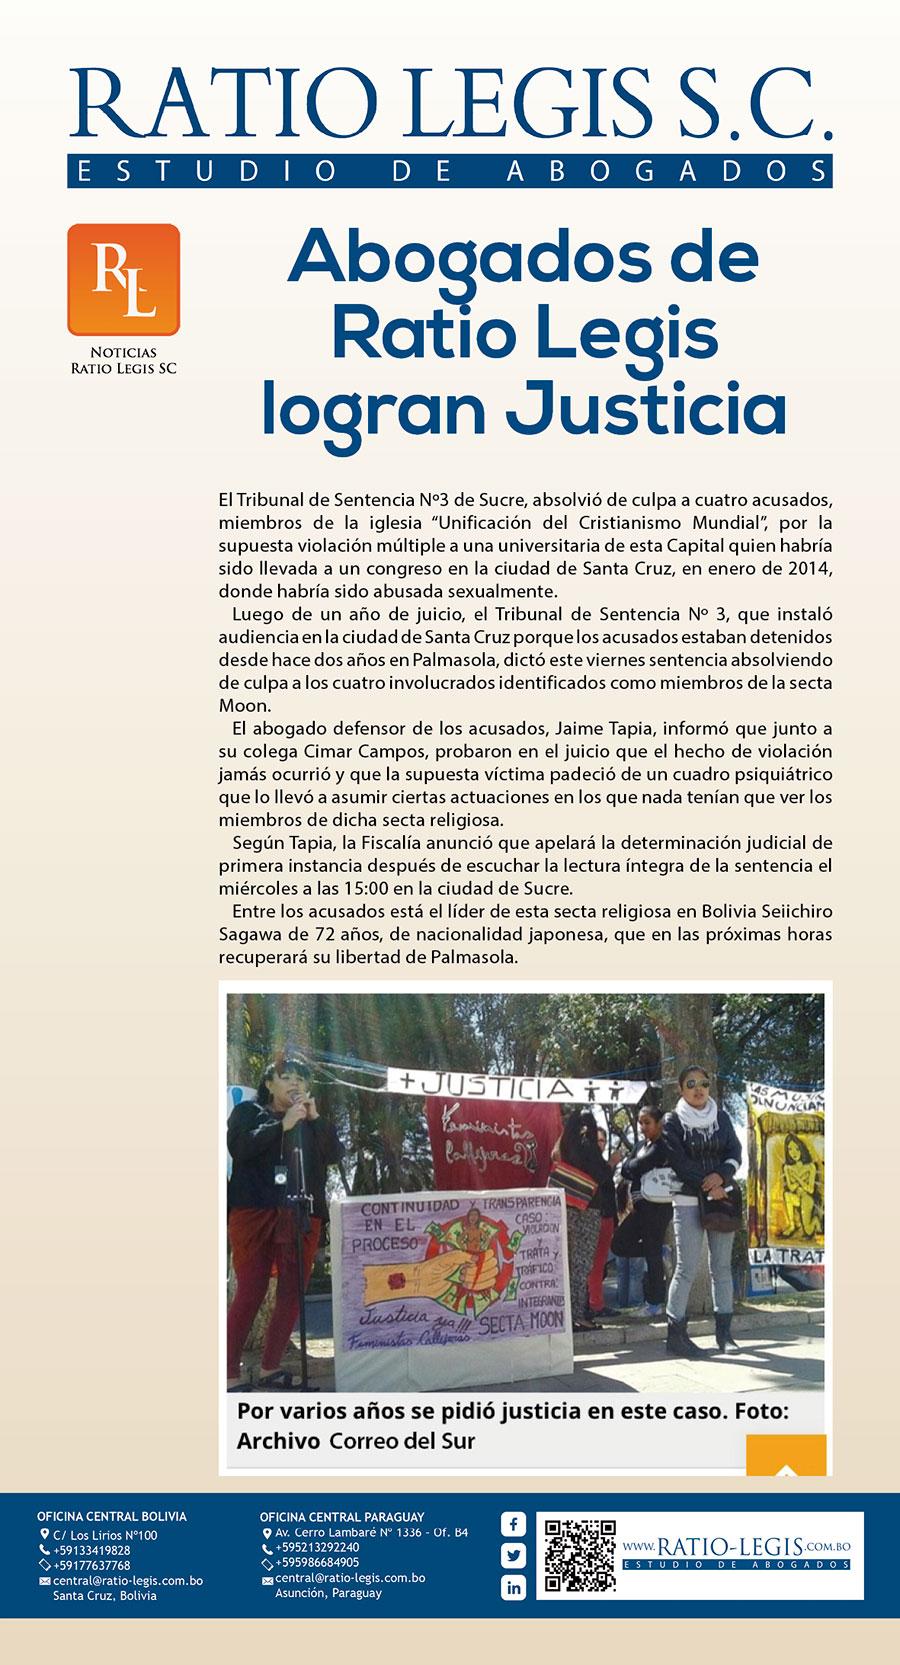 Abogados de Ratio Legis logran Justicia